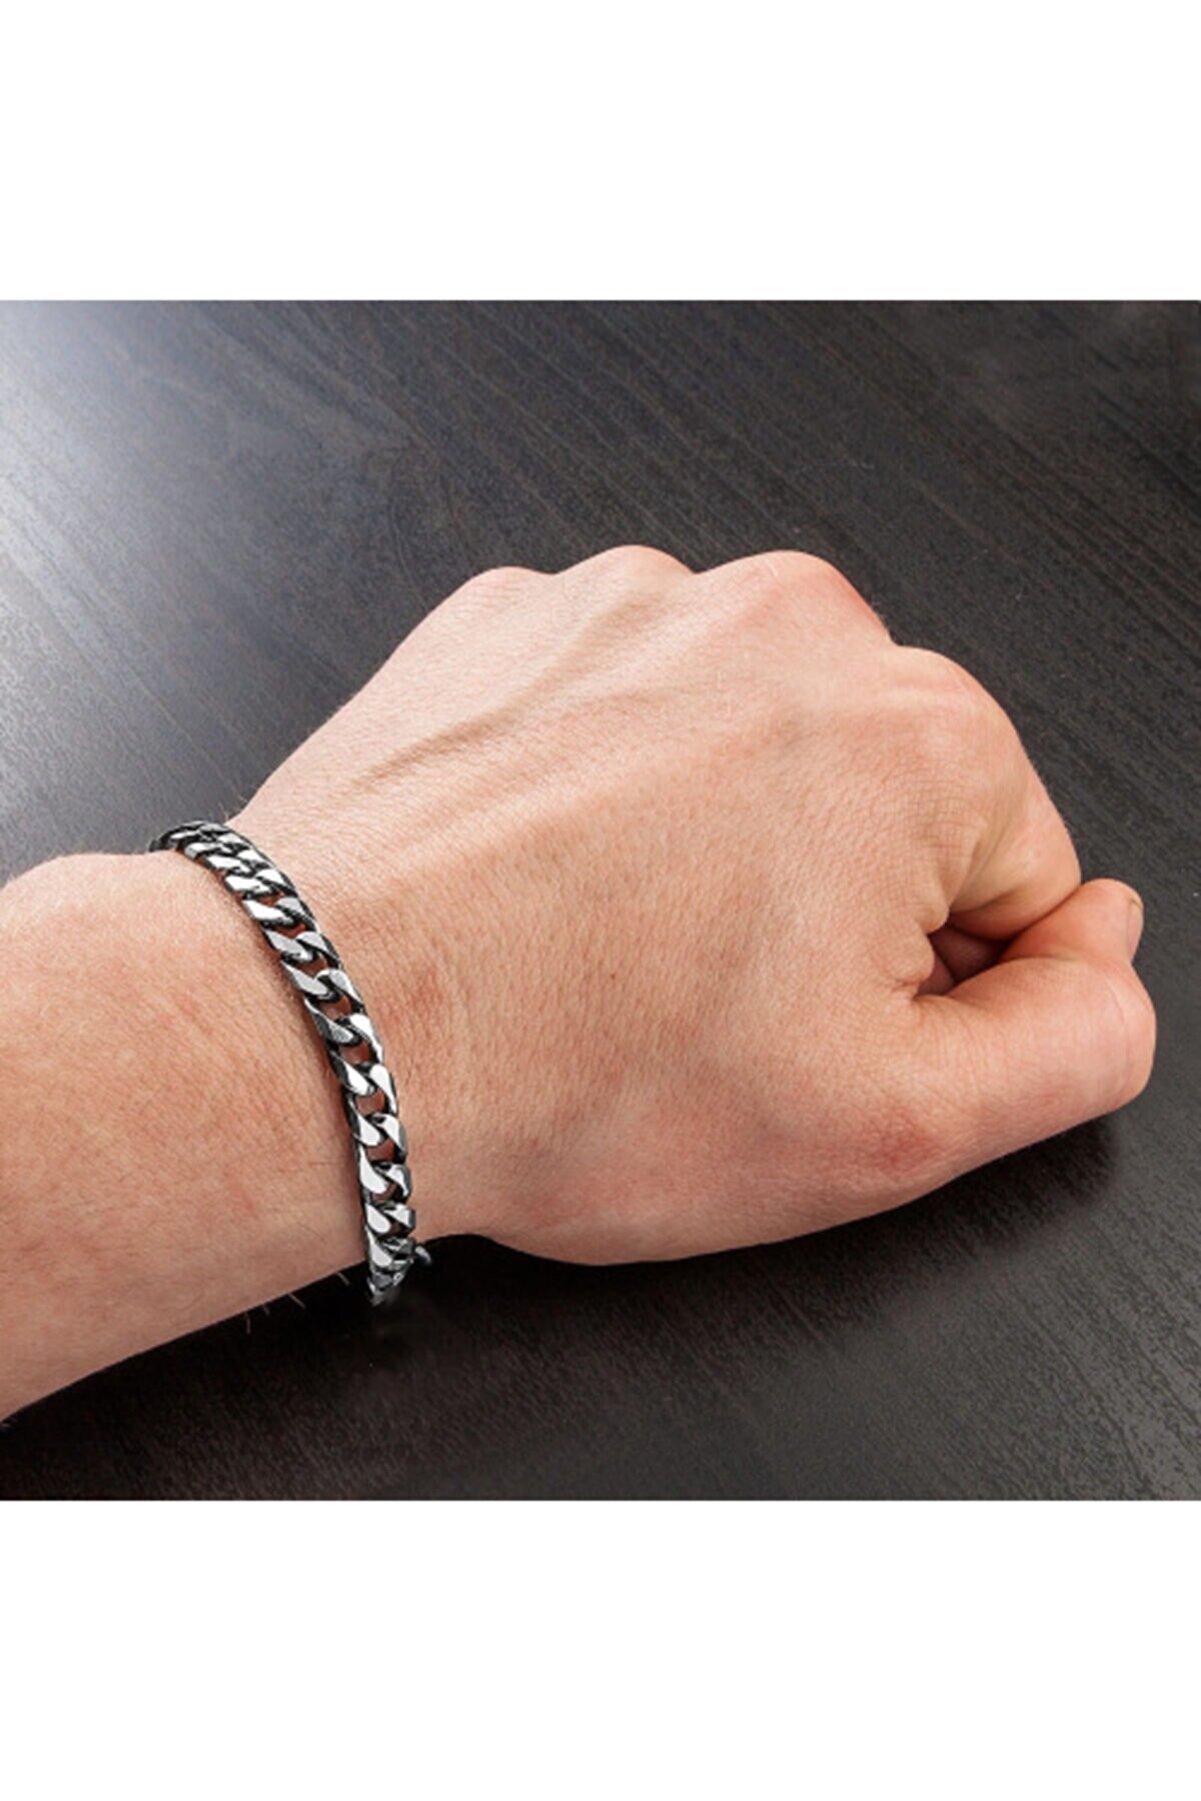 ERGONOMİSEPETİ Ünisex Gümüş Model Kararmaz Bakla Zincir Bileklik ( 20 Cm )